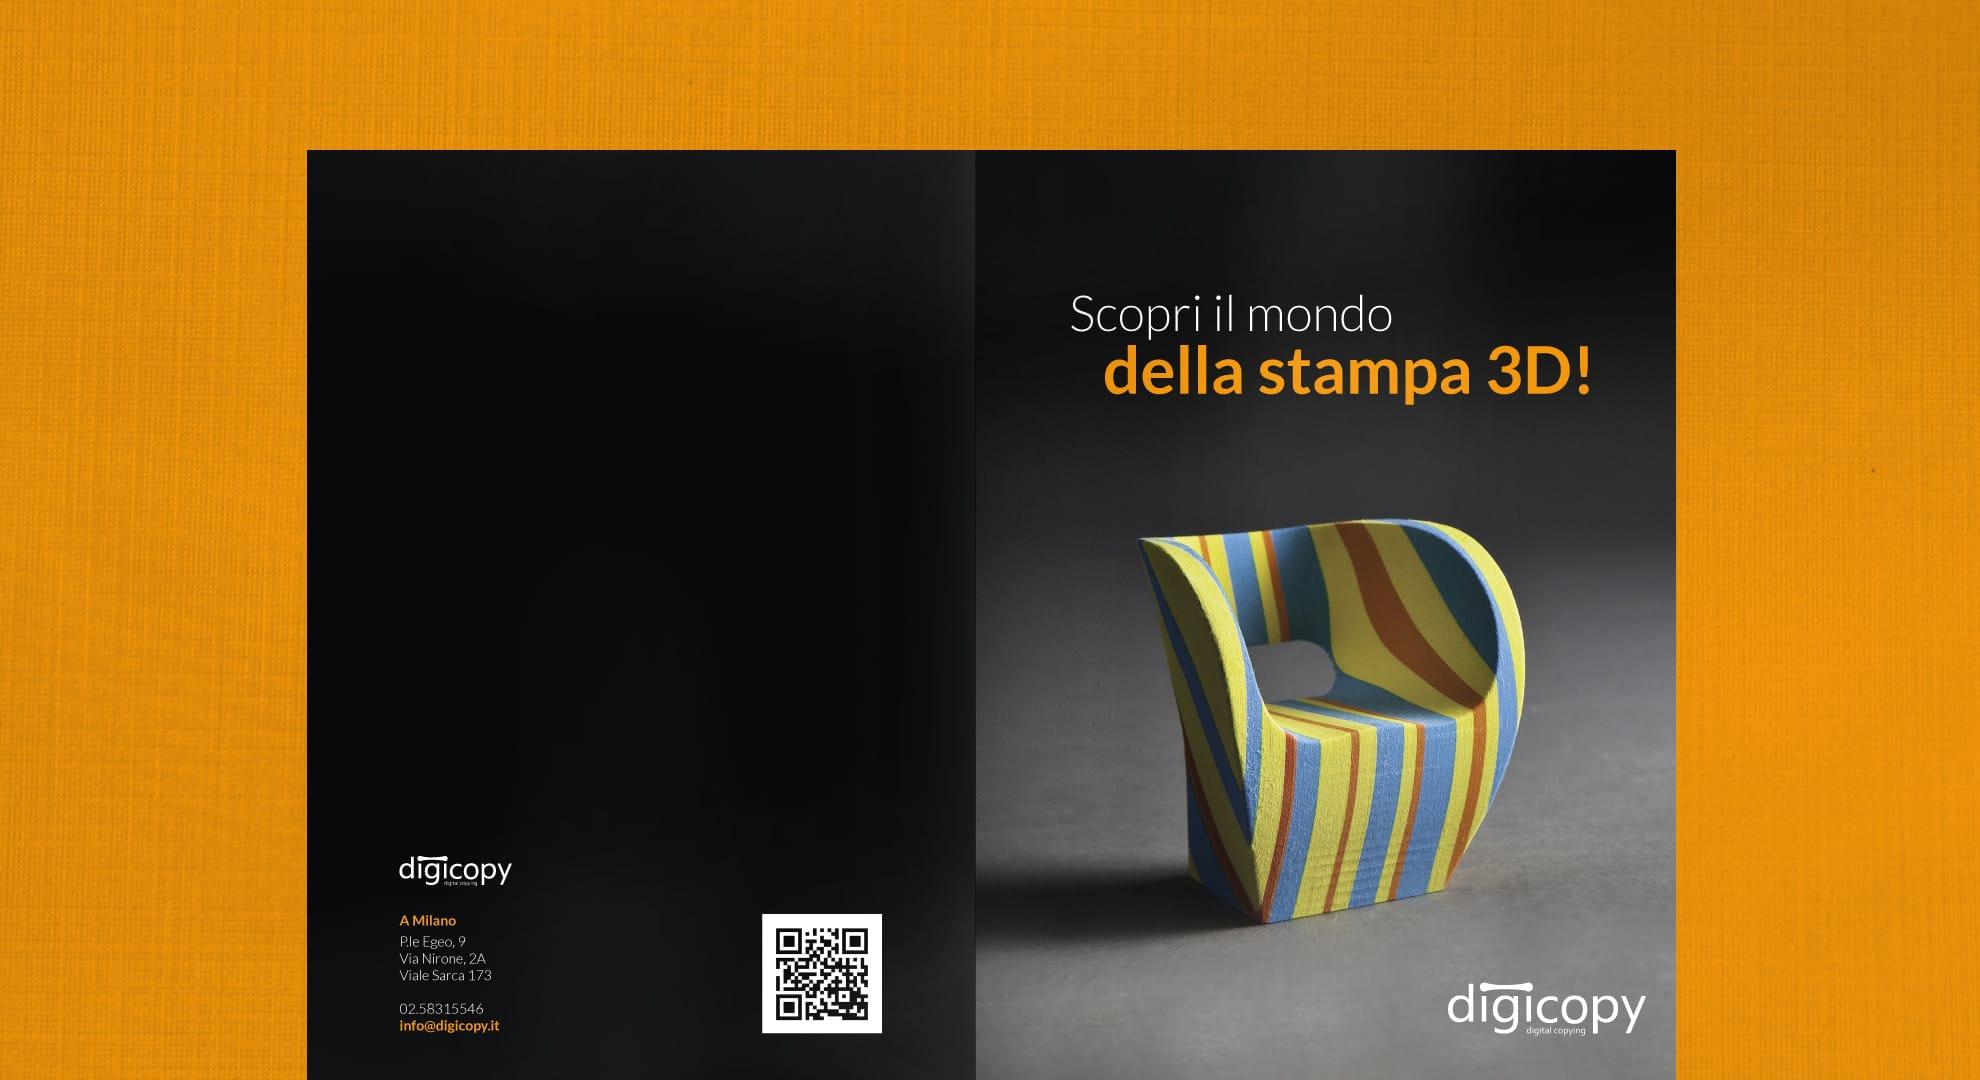 digicopy-portfolio-grafica-paper-3d-print-folder